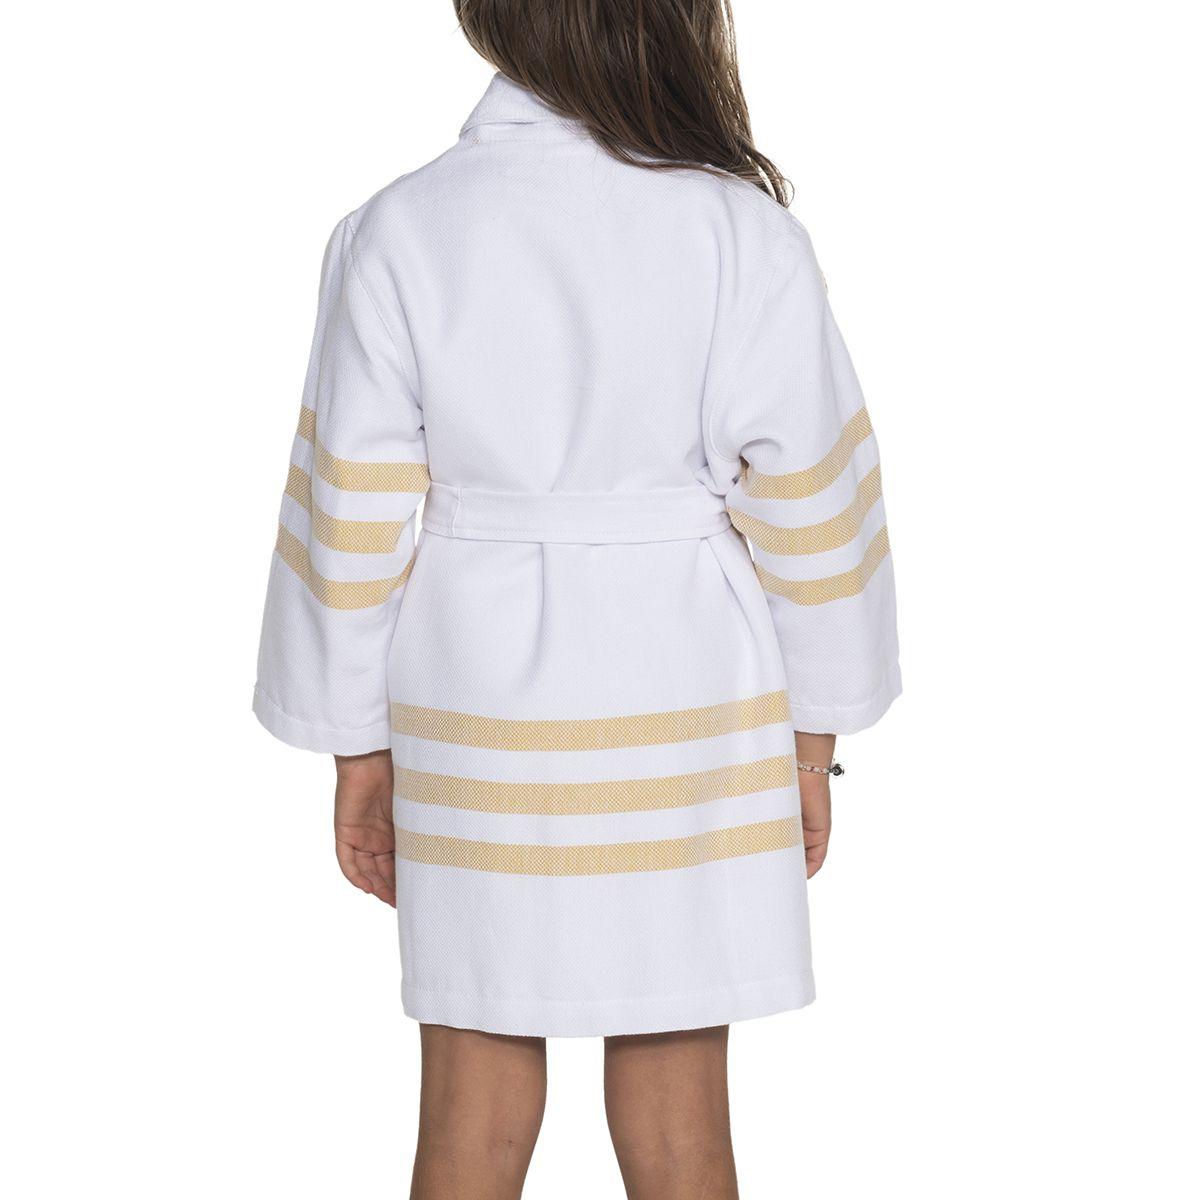 Bornoz Velet BALA Havlulu - Beyaz / Sarı